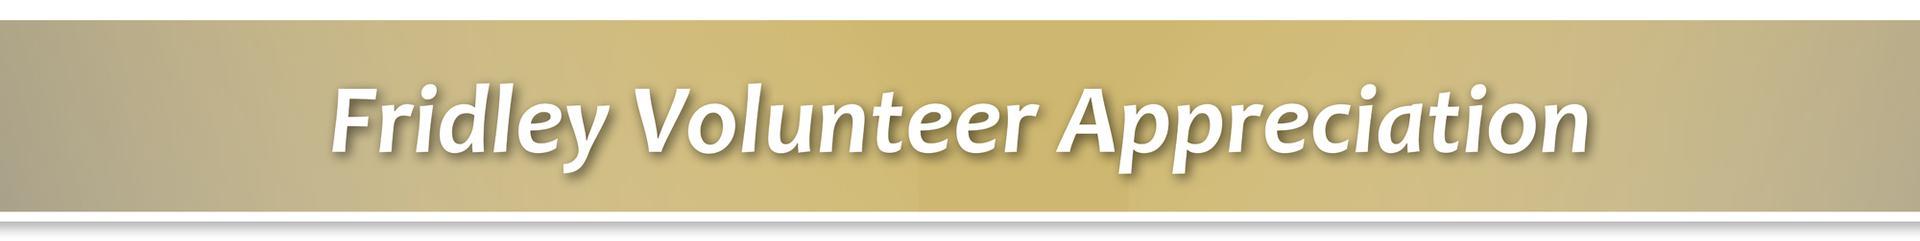 Fridley Volunteer Appreciation